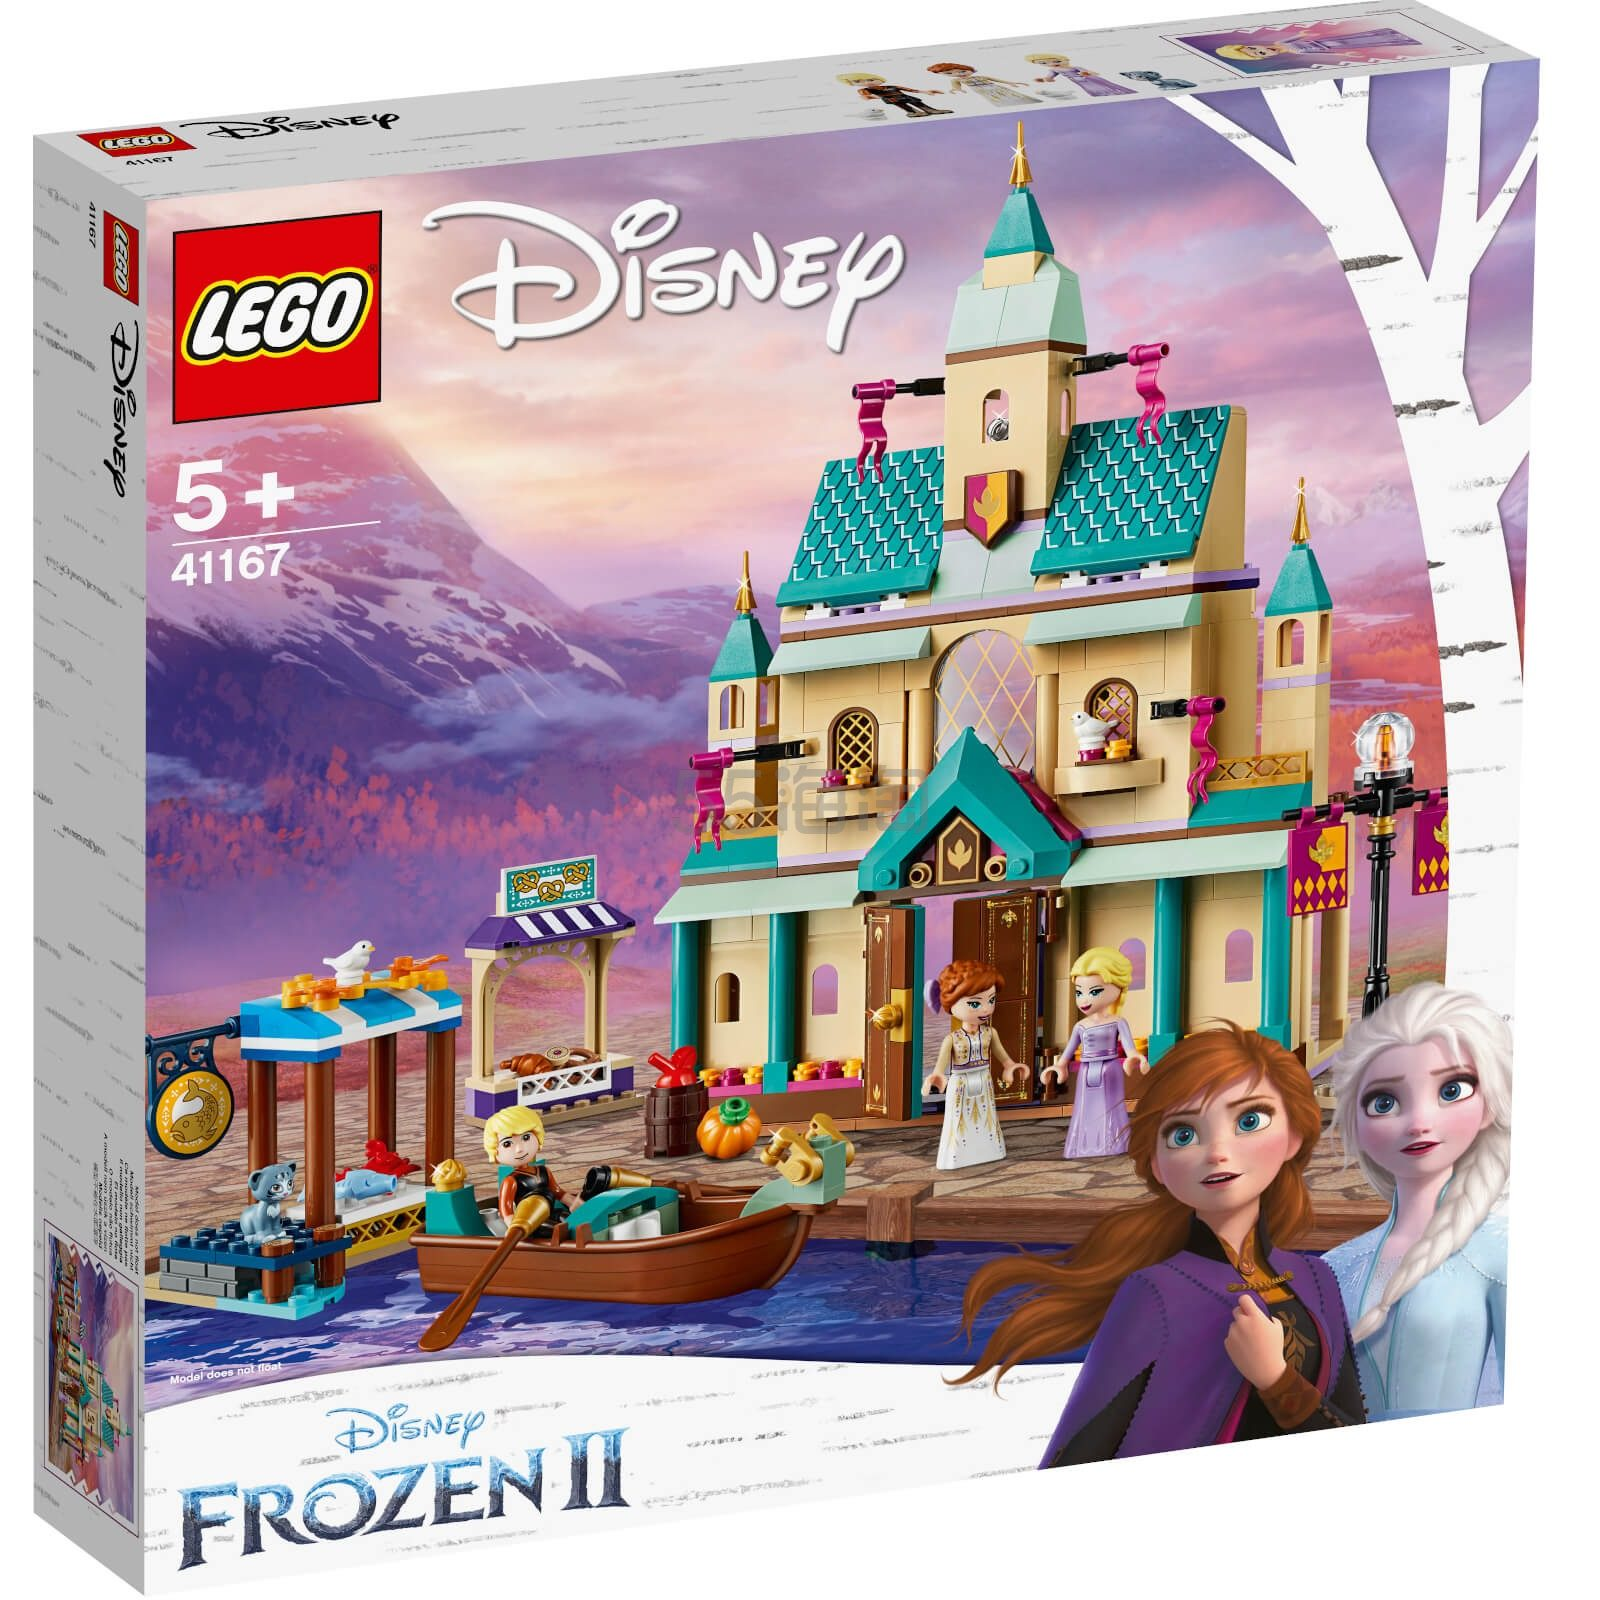 LEGO 乐高 迪士尼系列 阿伦戴尔城堡村庄 (41167) £59.99(约544元) - 海淘优惠海淘折扣|55海淘网